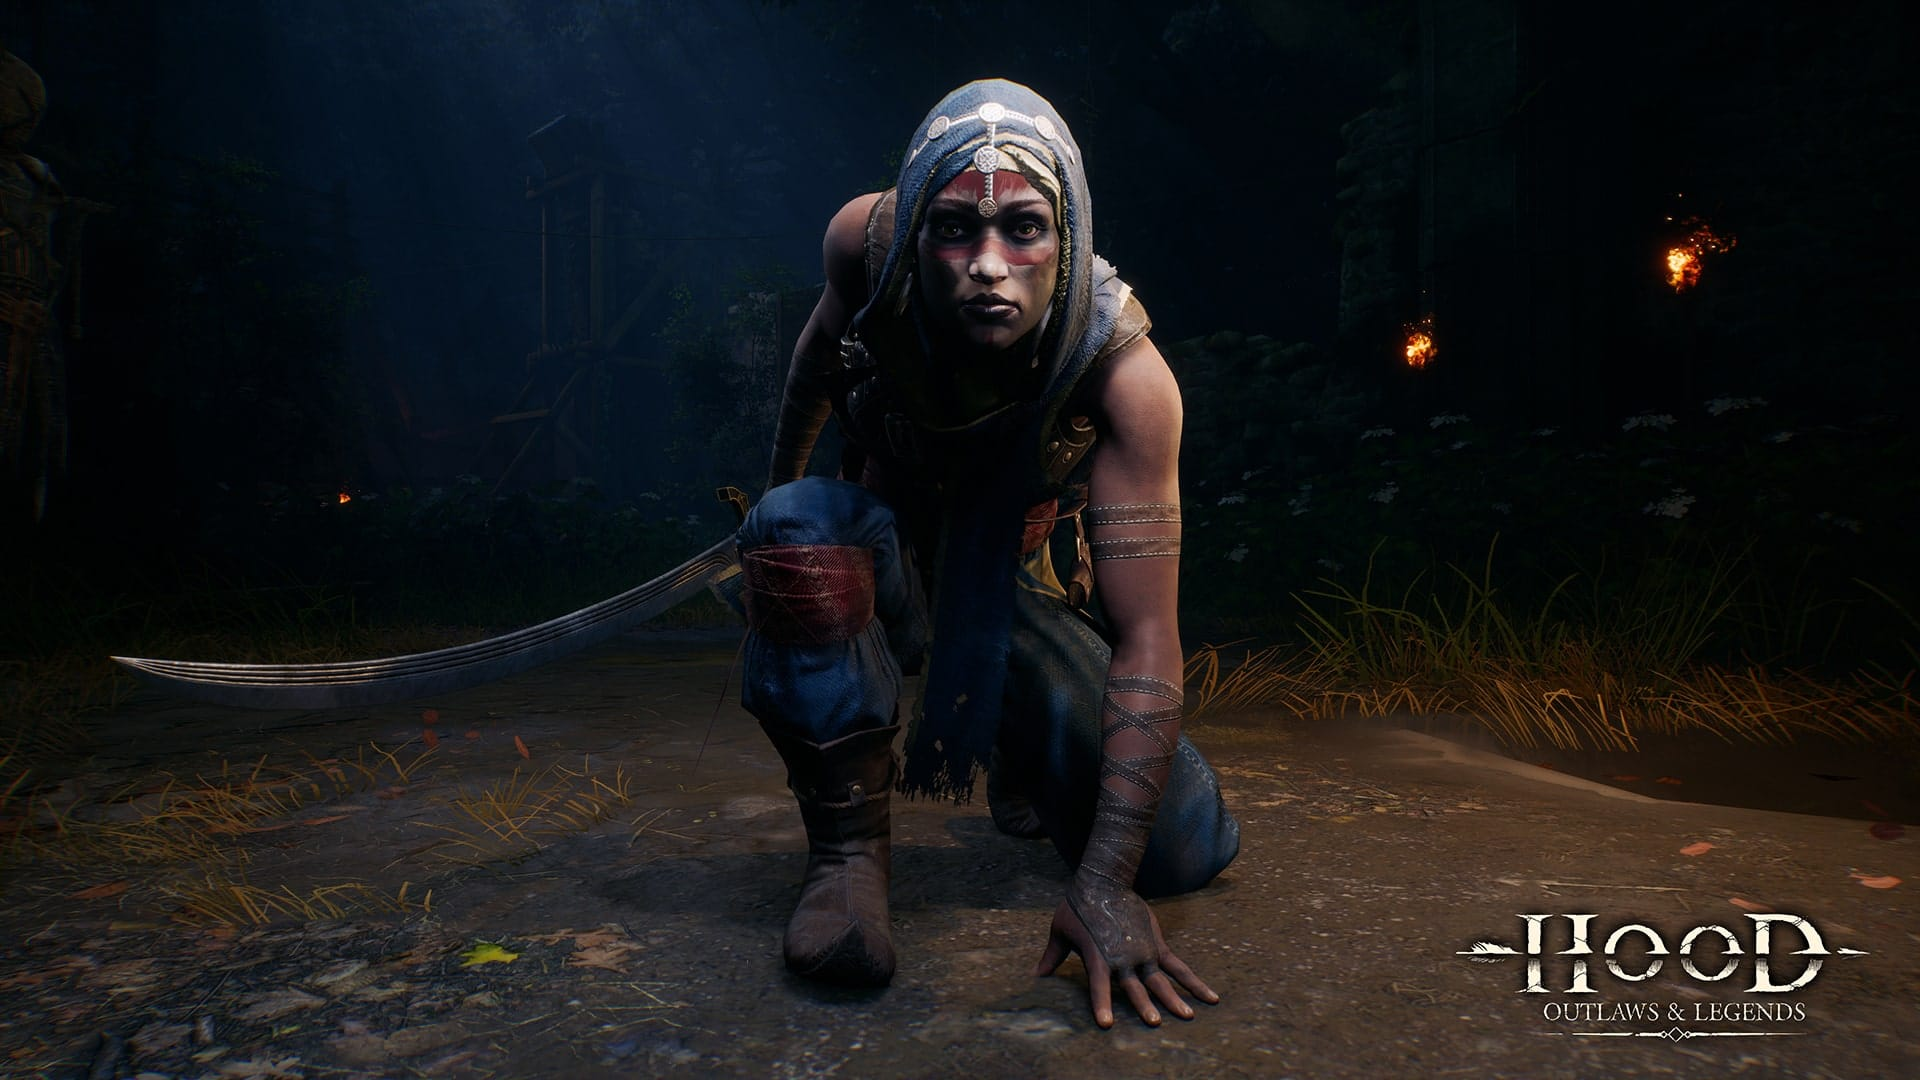 Hood: Outlaws & Legends Update 1.10